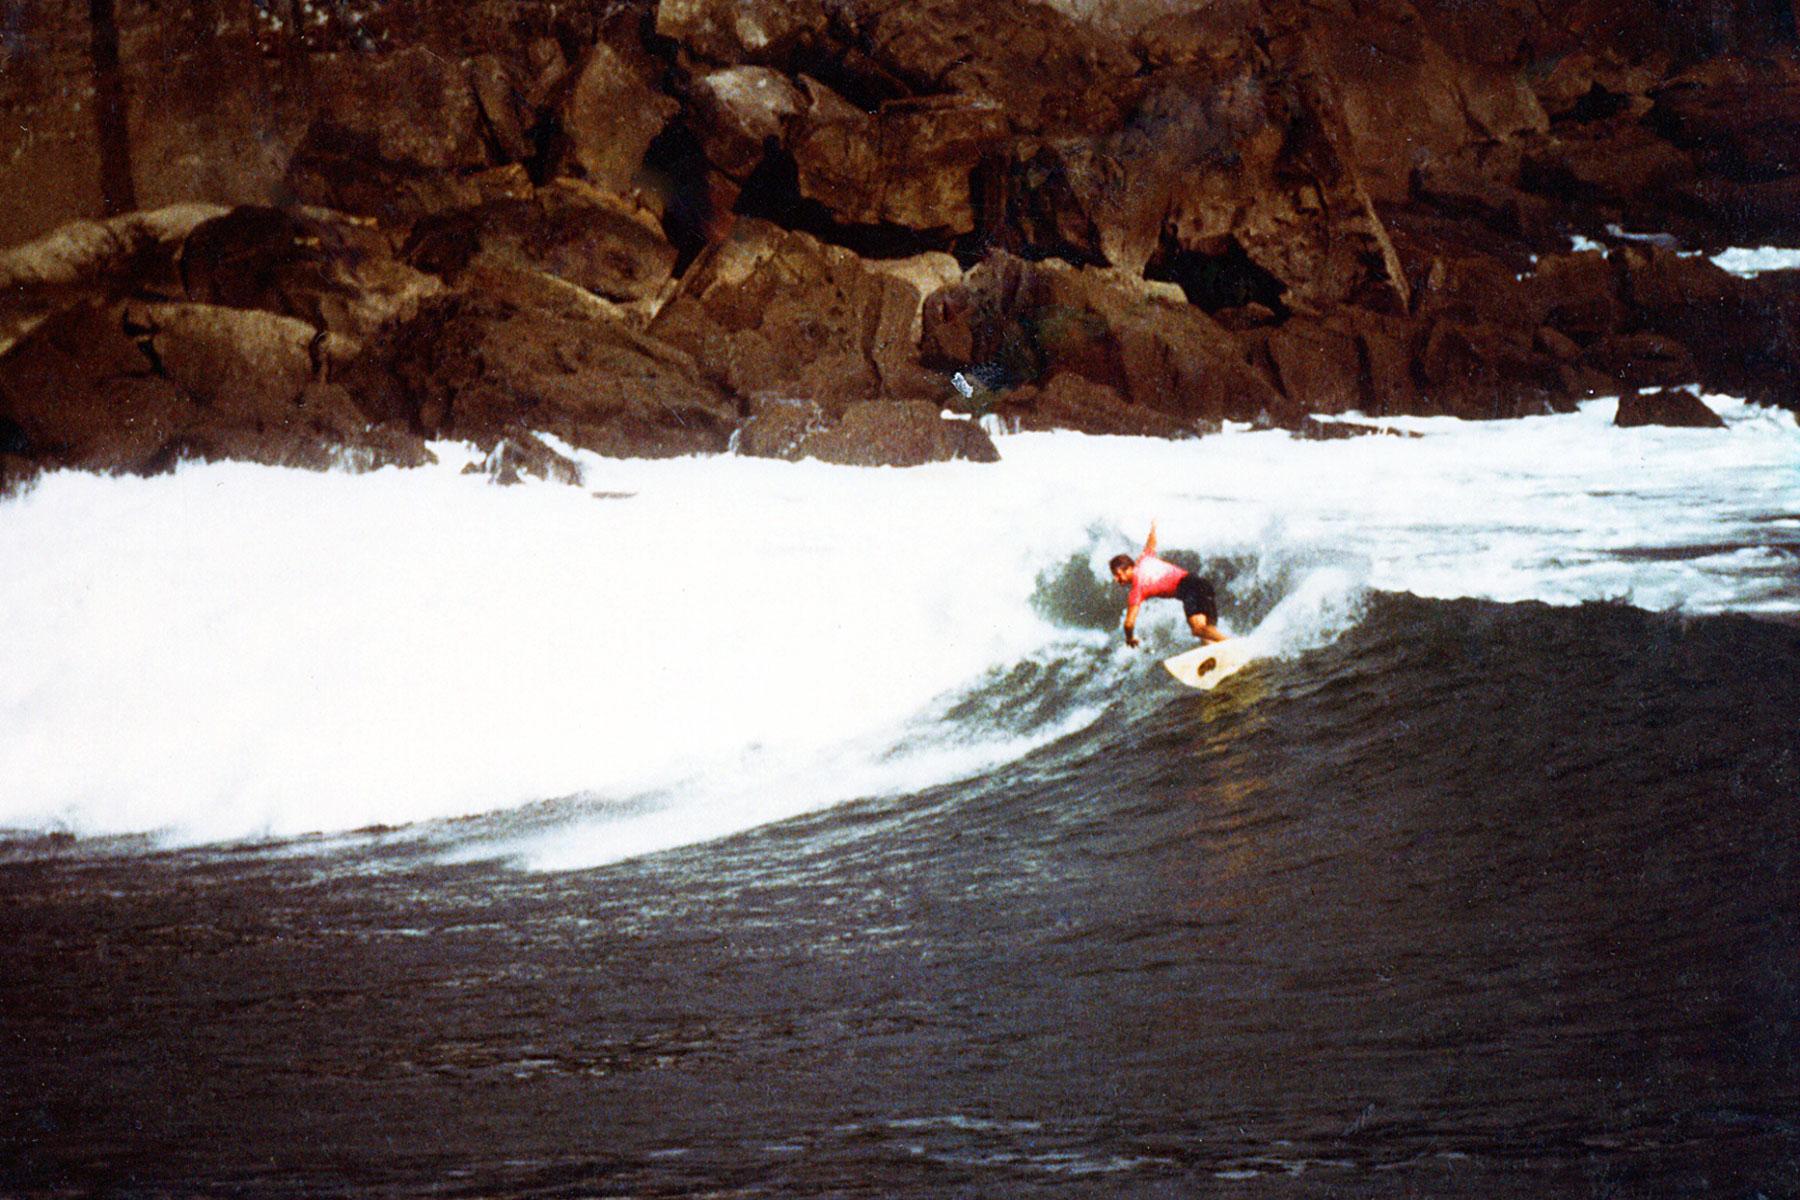 Surfing Spain | Ubiri point break | Bay of Biscay | Karramarro (Crab) Basque Language | Steven Andrew Martin